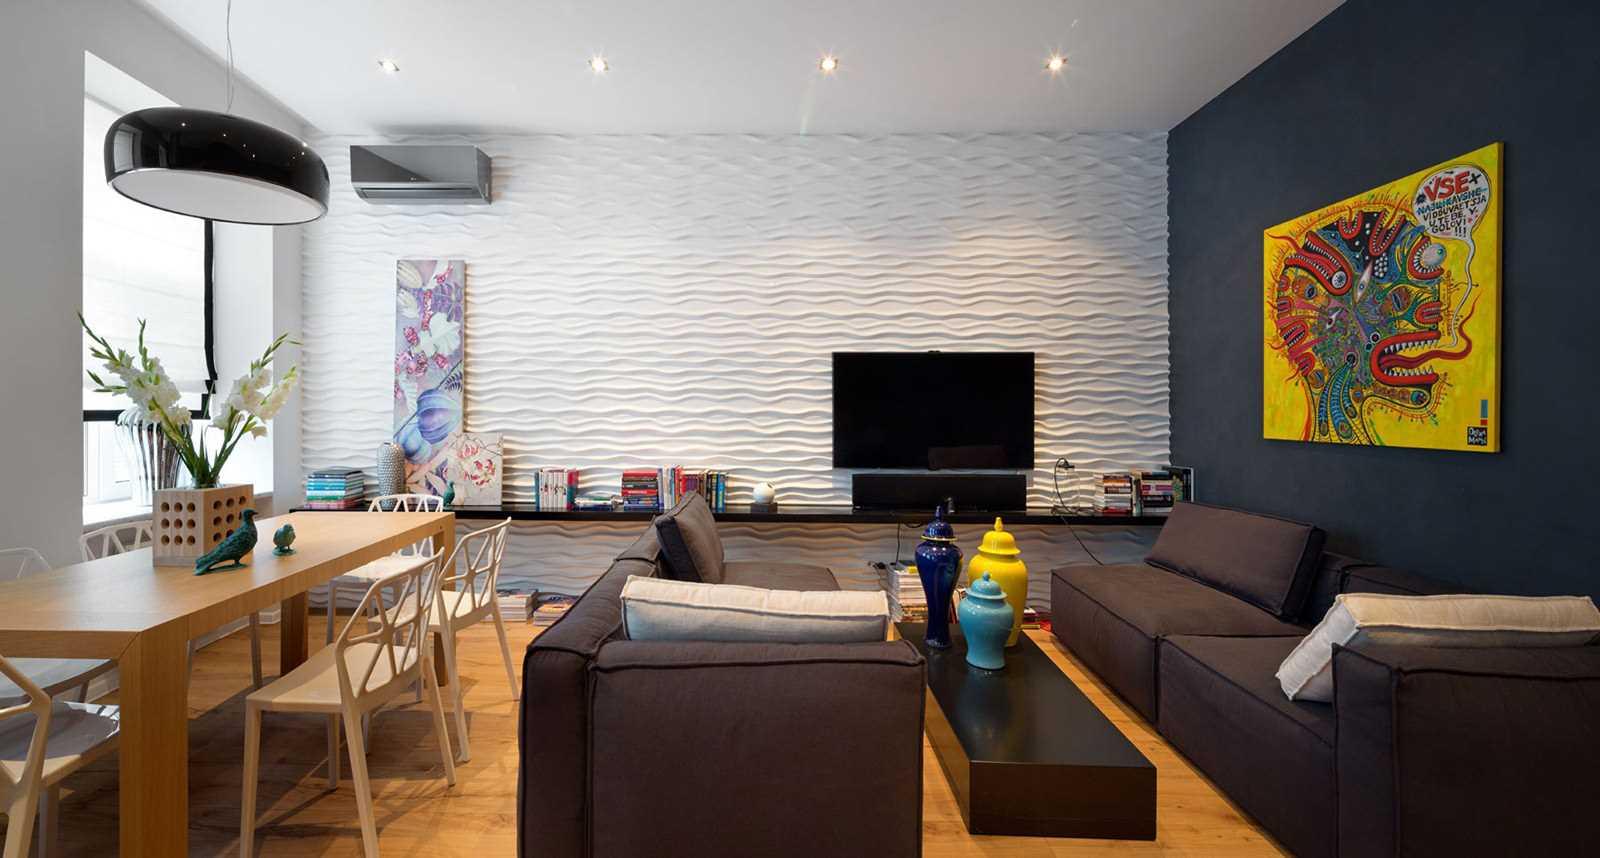 Планировка п44 (квартиры): типовые проекты и советы по организации места в квартире (85 фото)